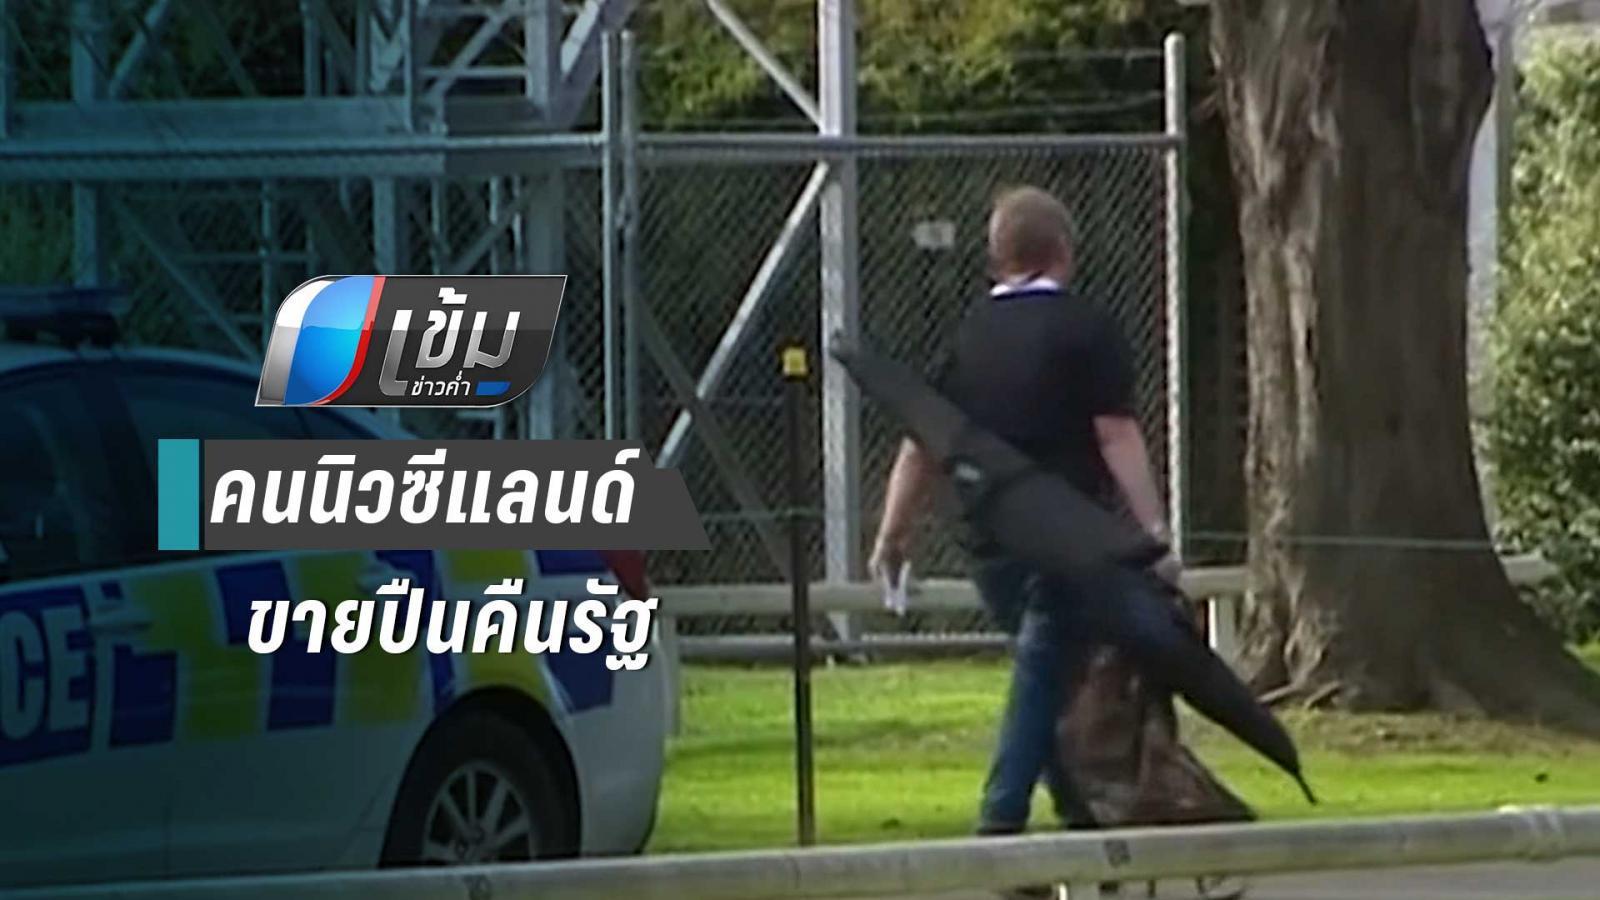 ตำรวจนิวซีแลนด์ปลื้ม คนแห่ขายปืนคืนให้รัฐ